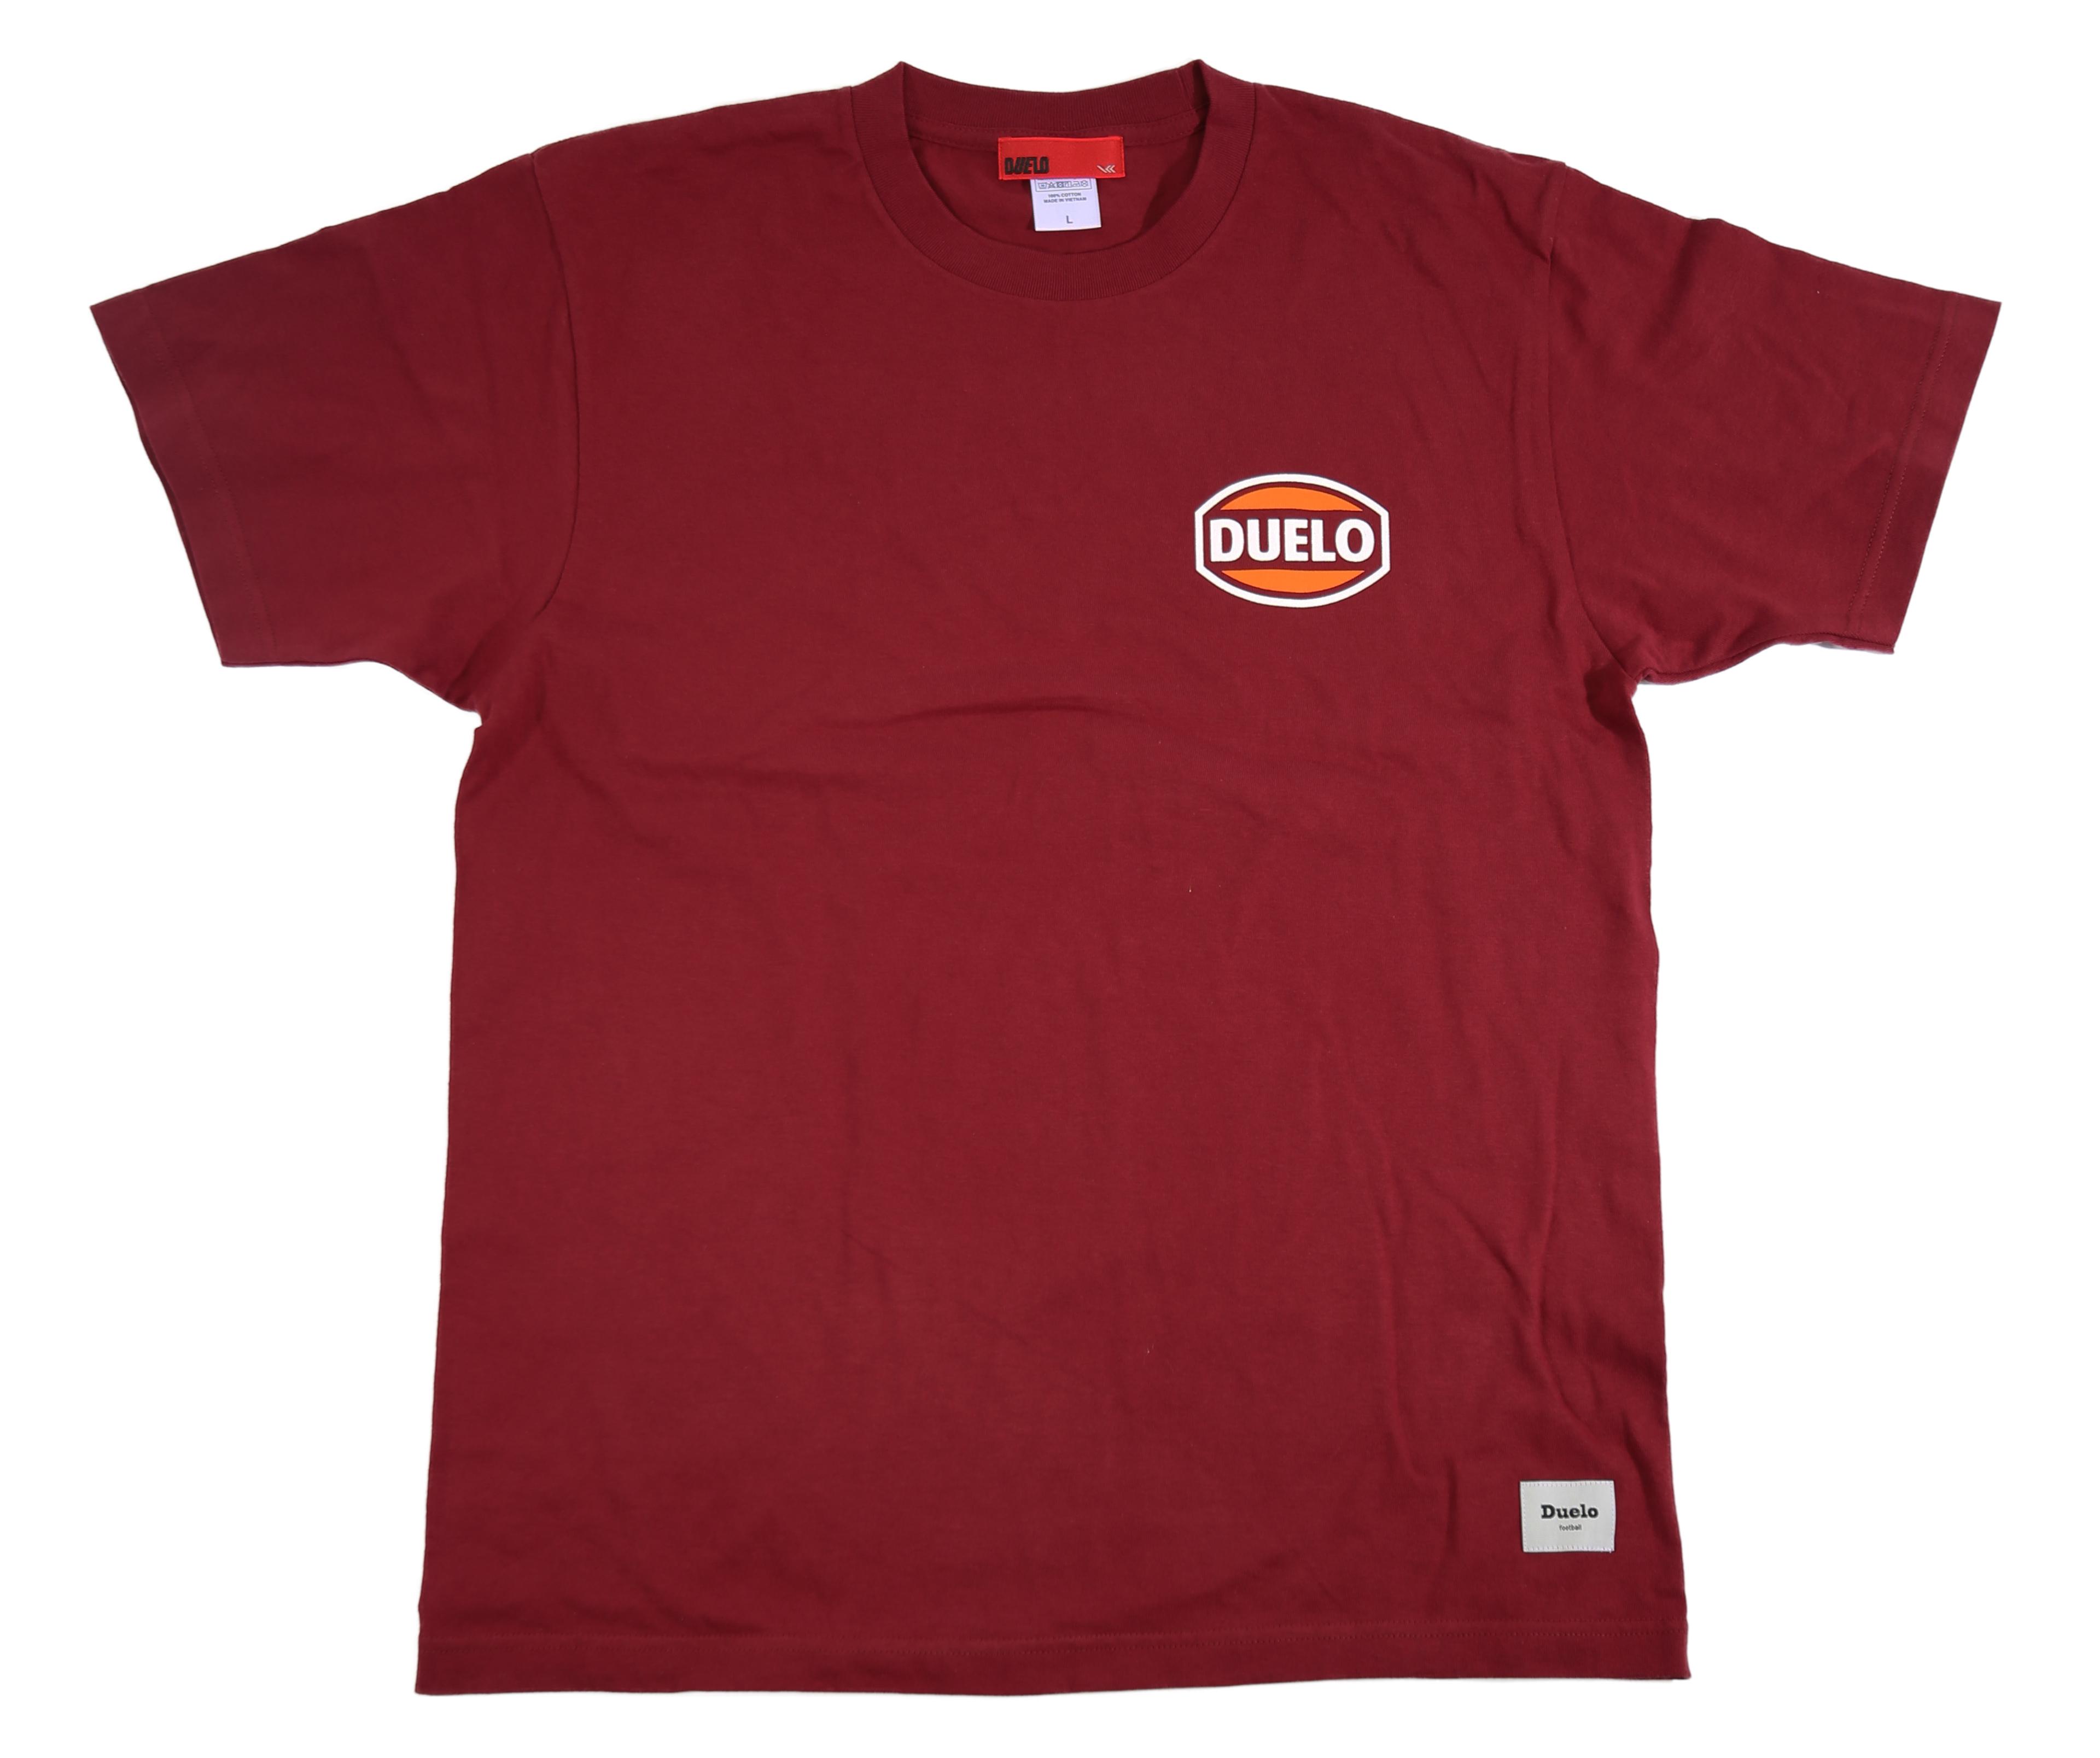 20015 S/S Tshirts BGD